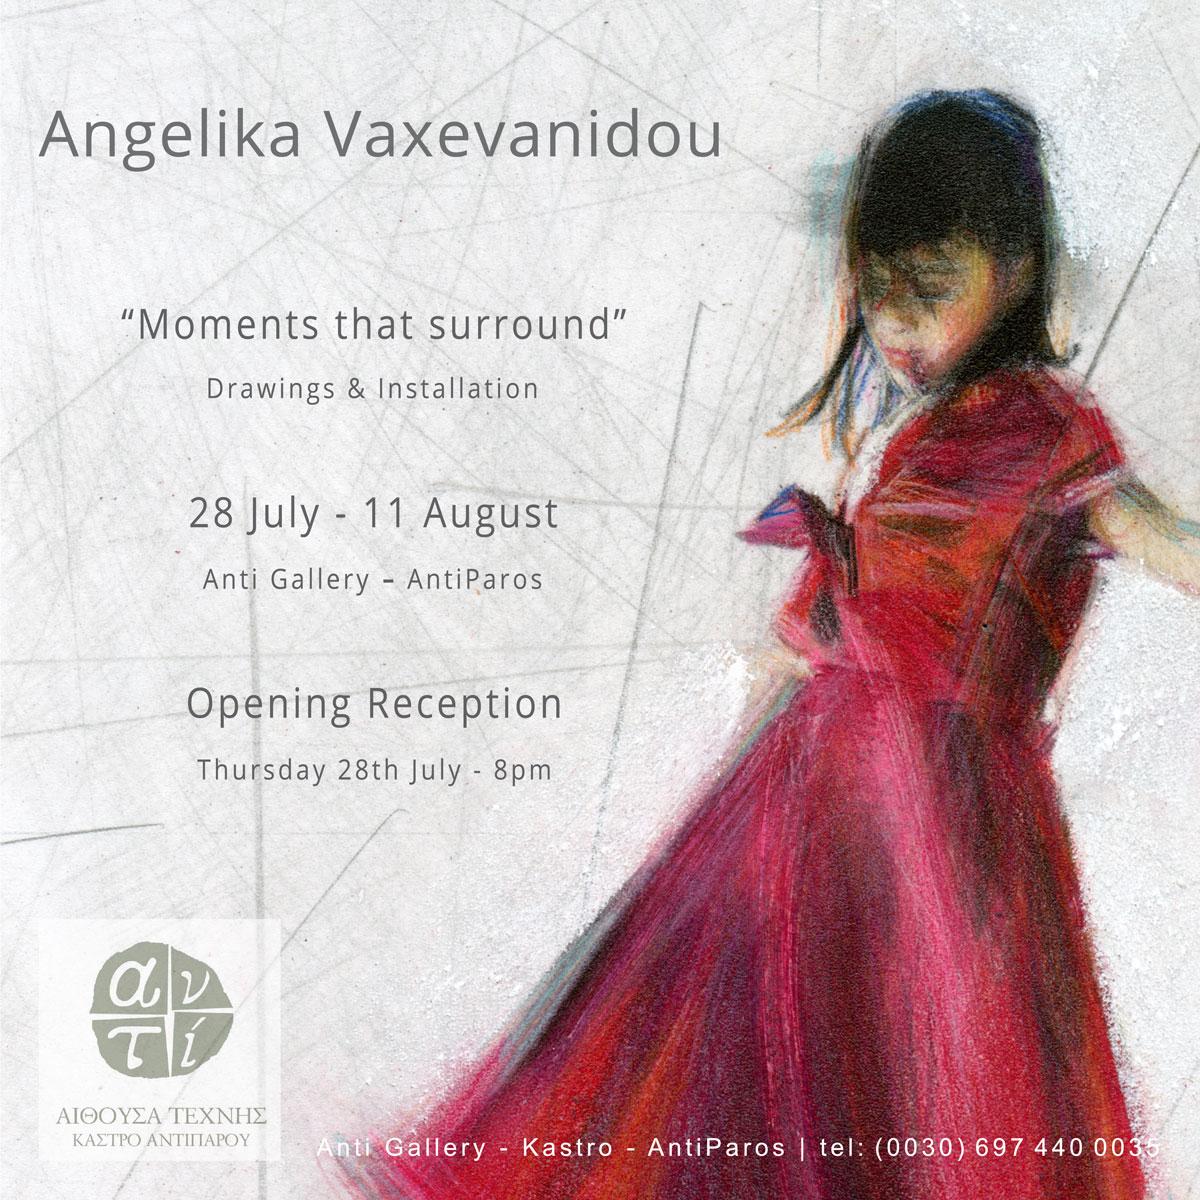 A3 poster Angelika Vaxevanidou Anti Gallery Anti Paros 1